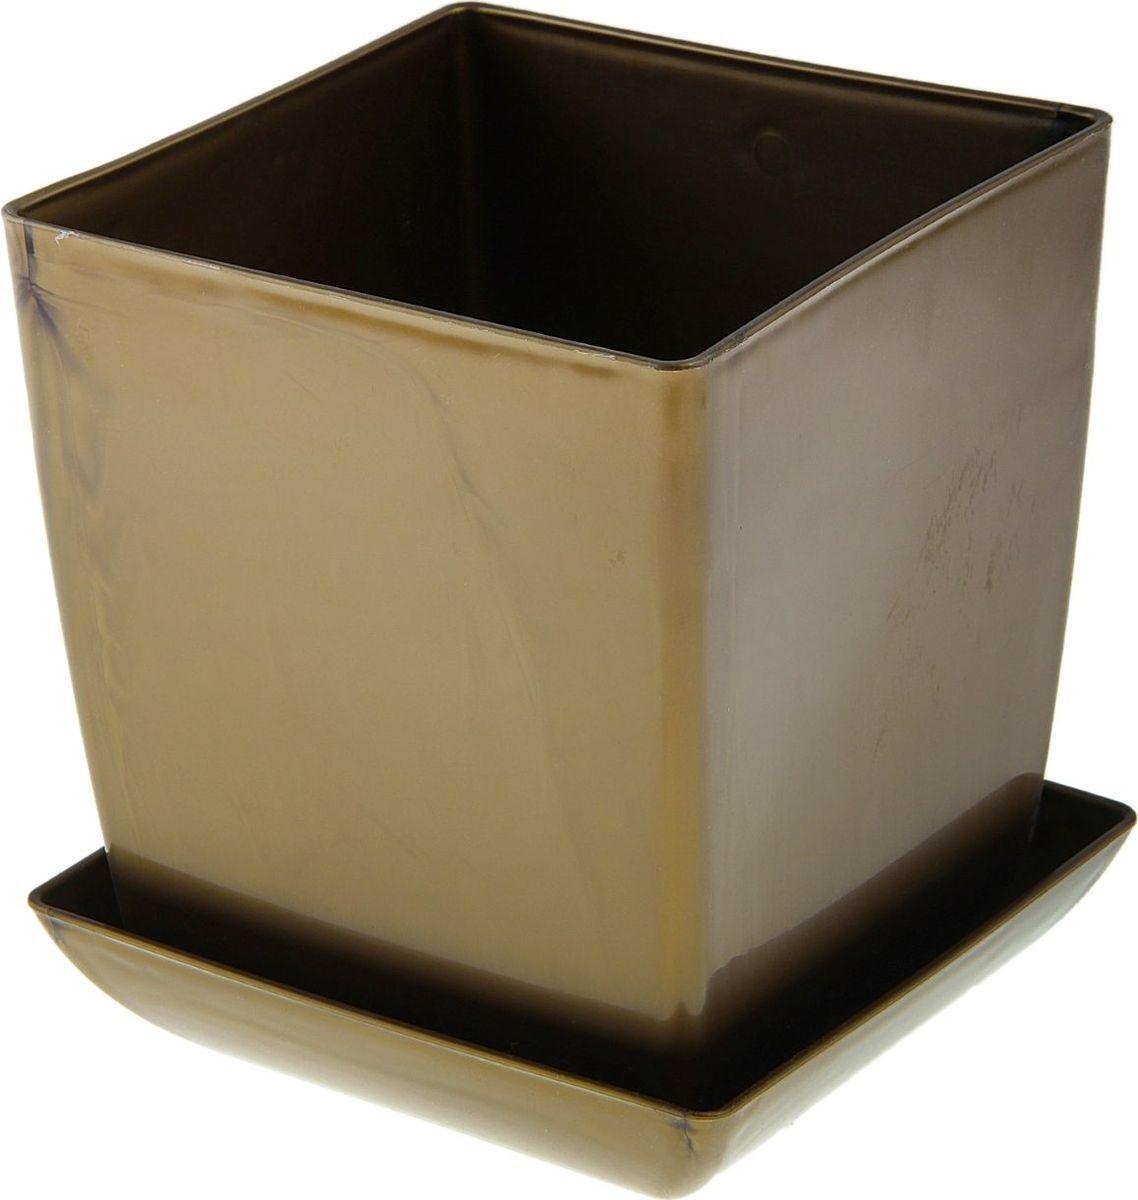 Горшок для цветов Мегапласт Квадрат, с поддоном, цвет: золотой, 3,5 лRSP-202SЛюбой, даже самый современный и продуманный интерьер будет не завершённым без растений. Они не только очищают воздух и насыщают его кислородом, но и заметно украшают окружающее пространство. Такому полезному члену семьи просто необходимо красивое и функциональное кашпо, оригинальный горшок или необычная ваза! Мы предлагаем - Горшок для цветов с поддоном 16х16 см Квадрат 3,5 л, цвет золотой! Оптимальный выбор материала пластмасса! Почему мы так считаем? Малый вес. С лёгкостью переносите горшки и кашпо с места на место, ставьте их на столики или полки, подвешивайте под потолок, не беспокоясь о нагрузке. Простота ухода. Пластиковые изделия не нуждаются в специальных условиях хранения. Их легко чистить достаточно просто сполоснуть тёплой водой. Никаких царапин. Пластиковые кашпо не царапают и не загрязняют поверхности, на которых стоят. Пластик дольше хранит влагу, а значит растение реже нуждается в поливе. Пластмасса не пропускает воздух корневой системе растения не грозят резкие перепады температур. Огромный выбор форм, декора и расцветок вы без труда подберёте что-то, что идеально впишется в уже существующий интерьер. Соблюдая нехитрые правила ухода, вы можете заметно продлить срок службы горшков, вазонов и кашпо из пластика: всегда учитывайте размер кроны и корневой системы растения (при разрастании большое растение способно повредить маленький горшок)берегите изделие от воздействия прямых солнечных лучей, чтобы кашпо и горшки не выцветалидержите кашпо и горшки из пластика подальше от нагревающихся поверхностей. Создавайте прекрасные цветочные композиции, выращивайте рассаду или необычные растения, а низкие цены позволят вам не ограничивать себя в выборе.